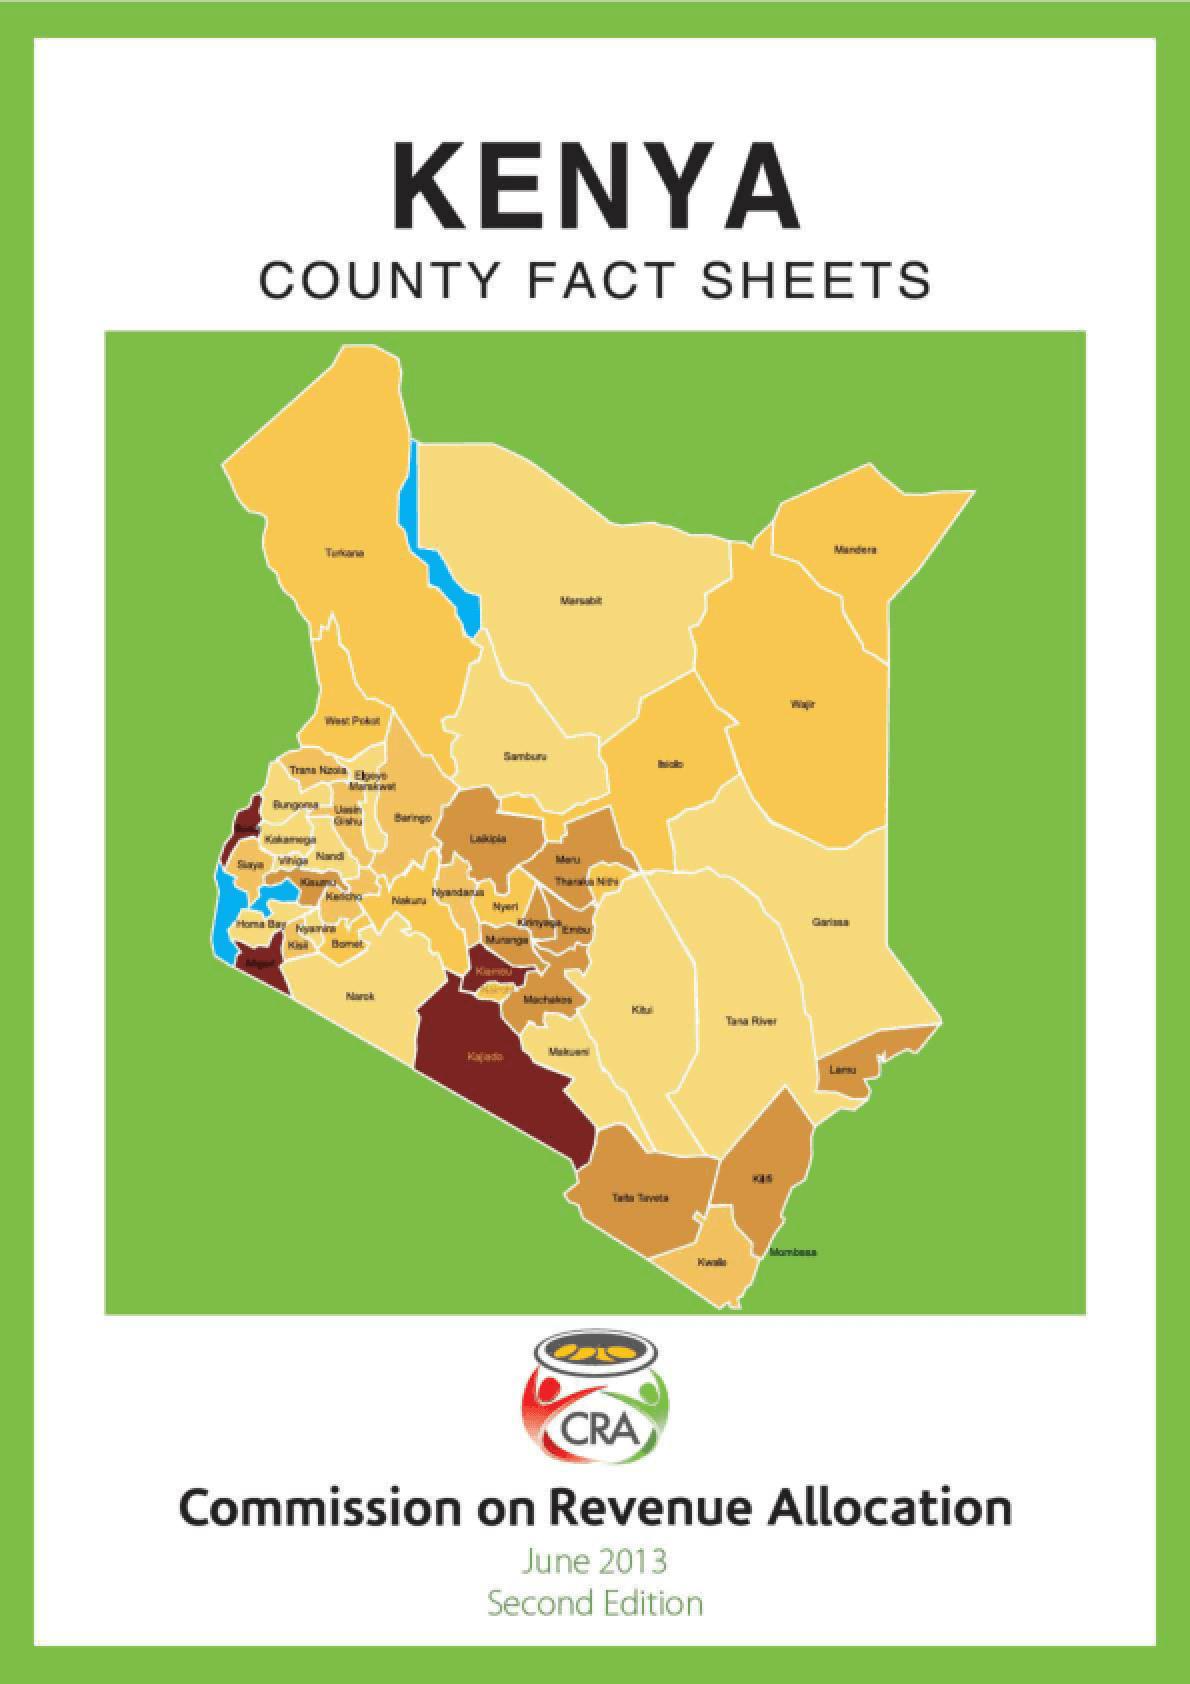 Kenya: Country Fact Sheets